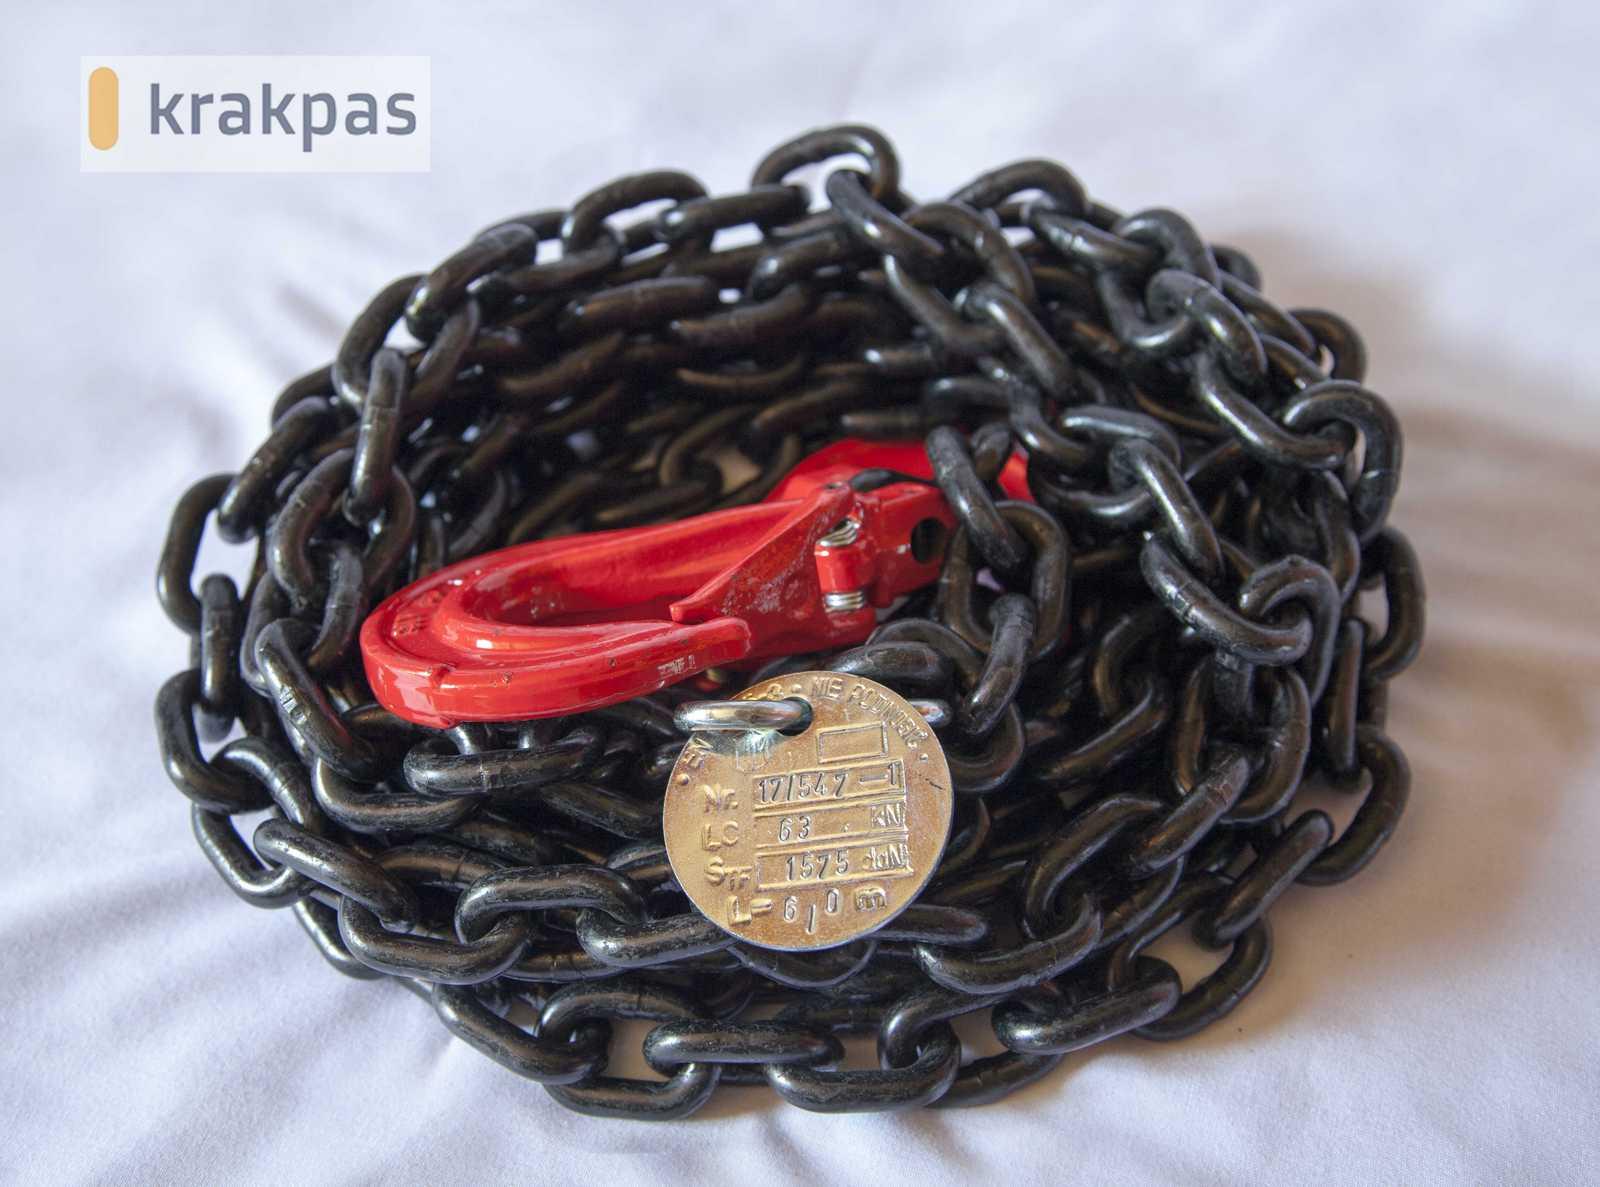 zawiesie łańcuchowe tabliczka znamionowa oraz hak